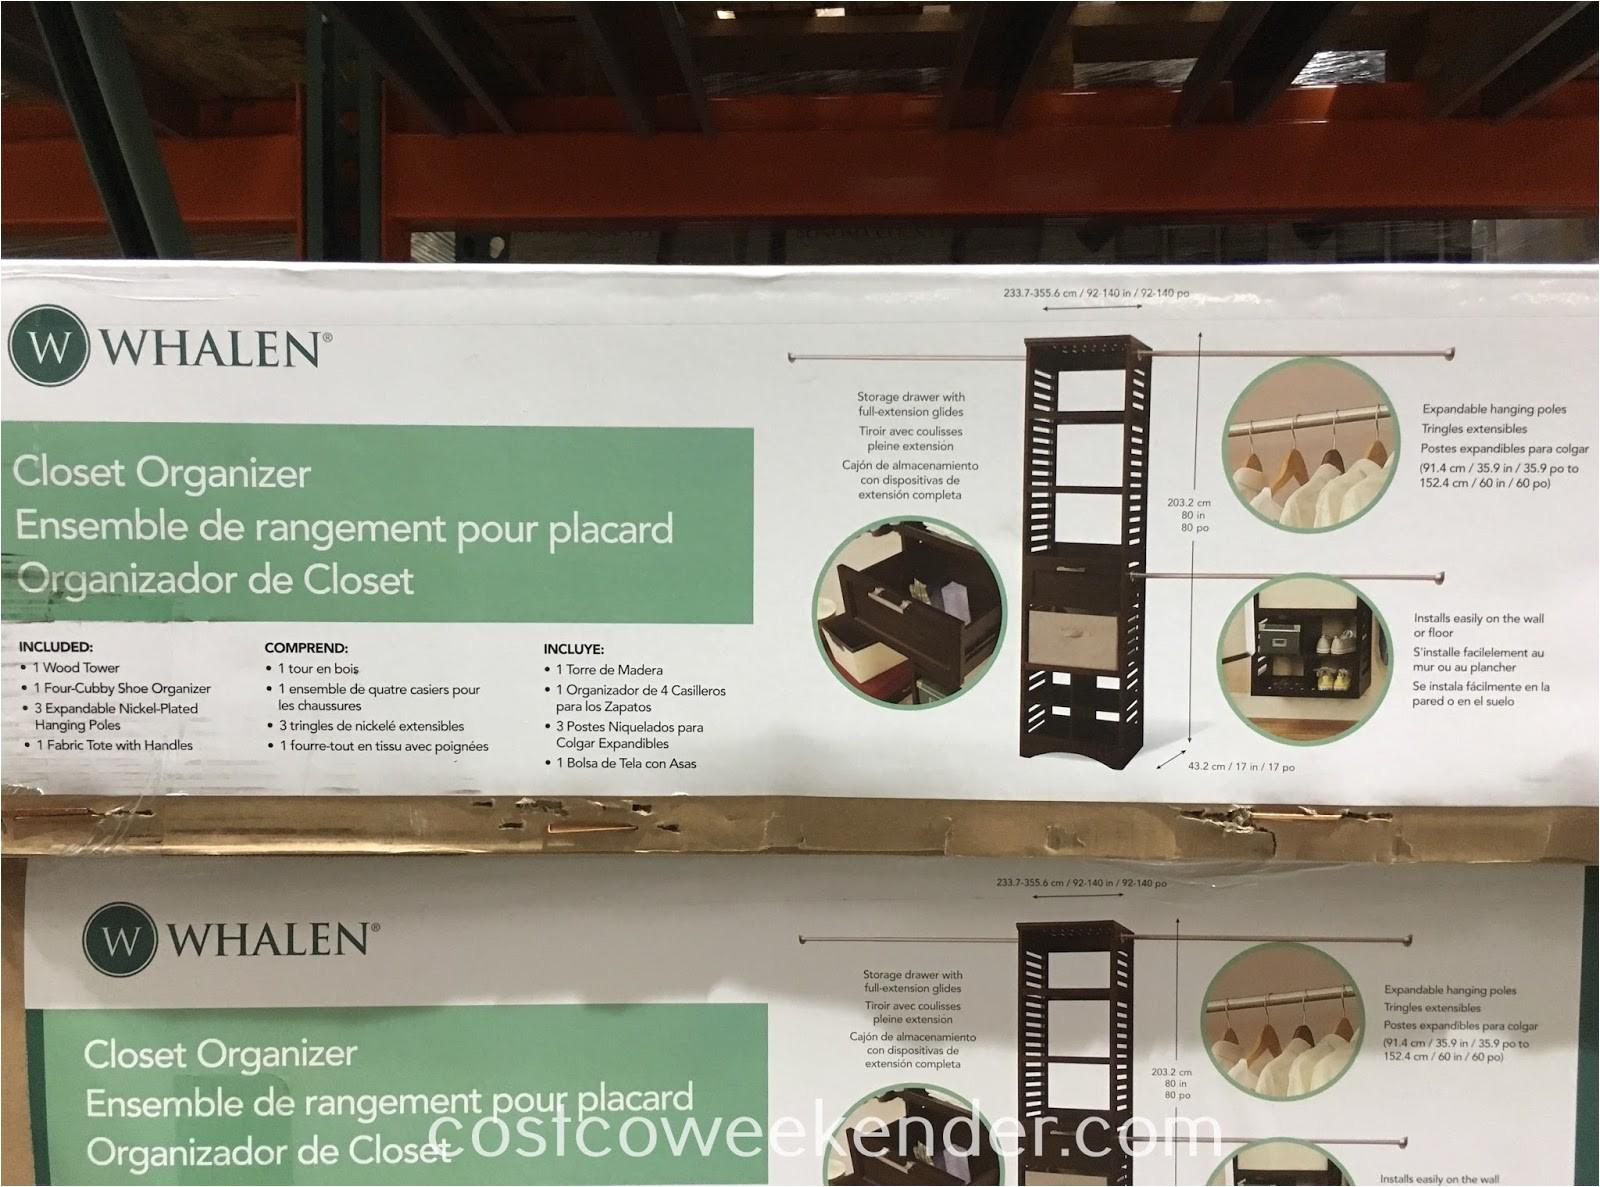 whalen closet organizer costco 962840